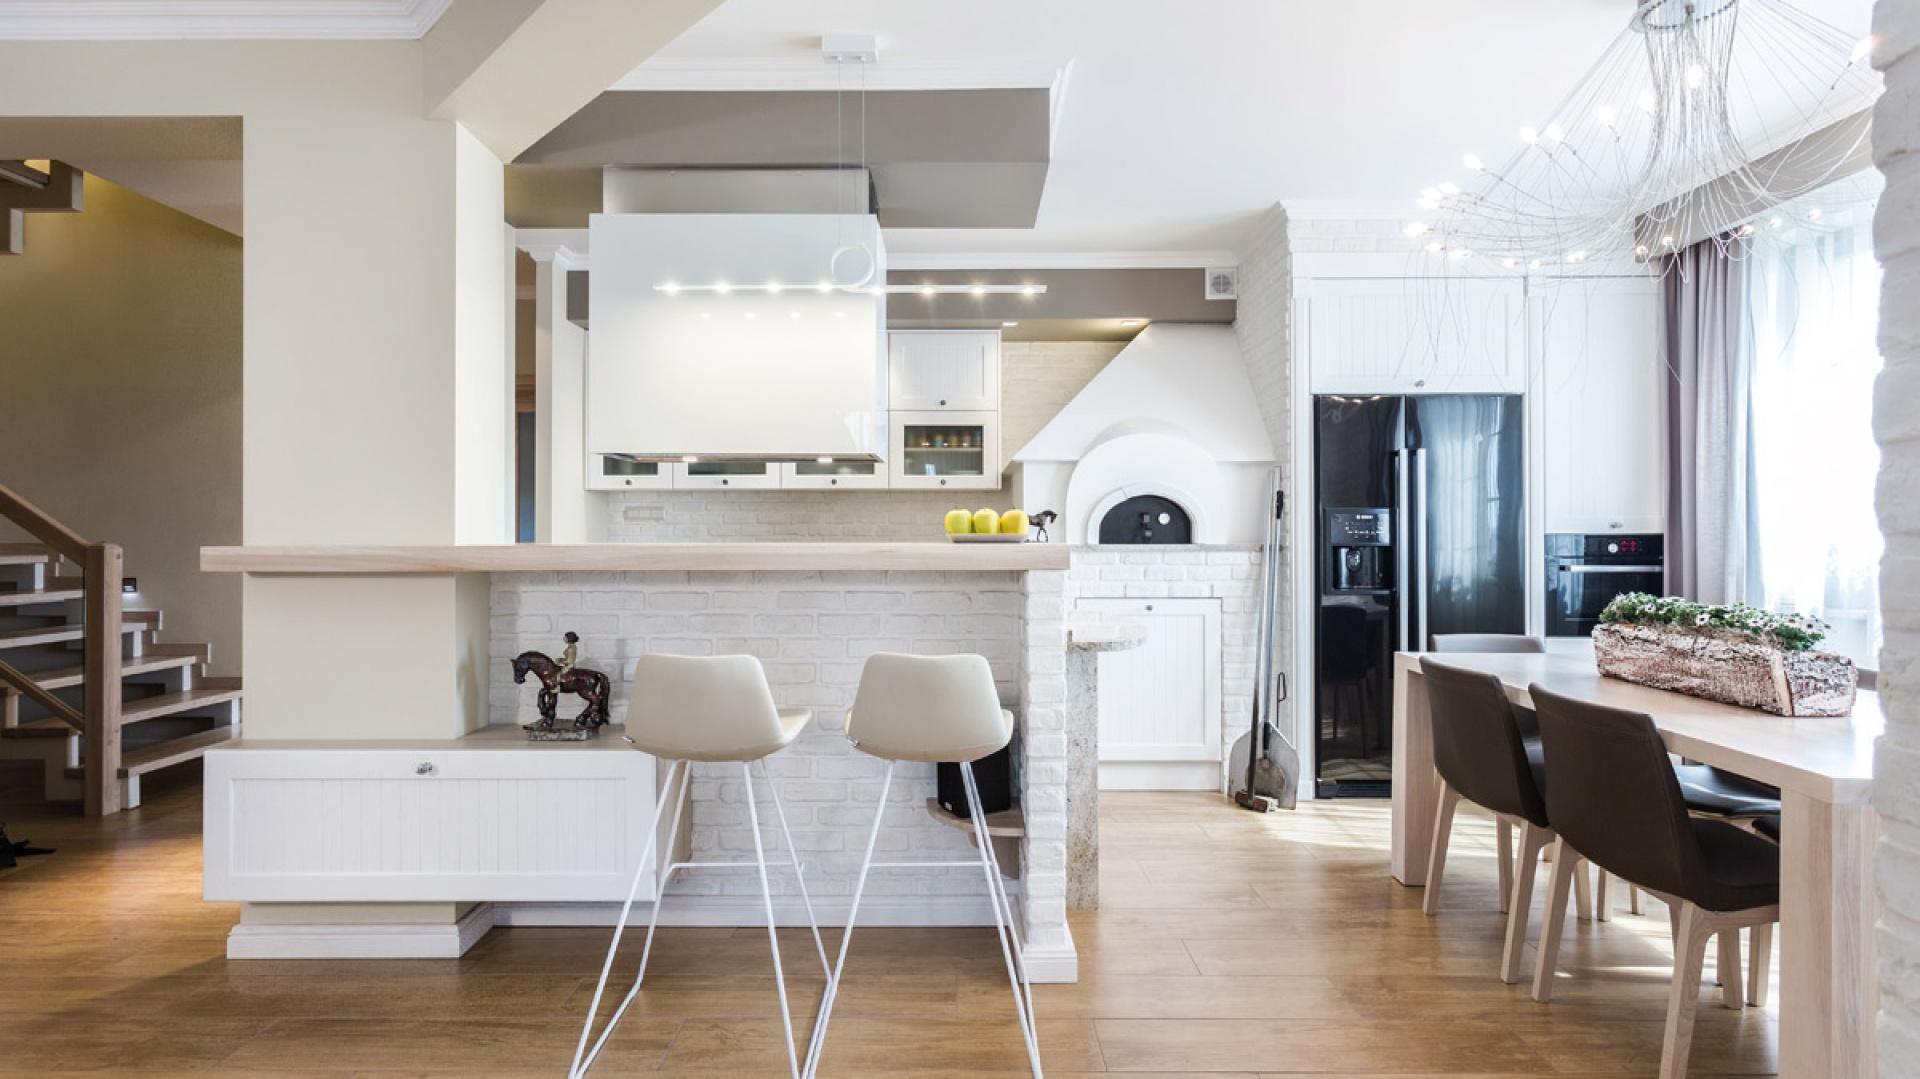 Lod wka w nowoczesnej nowoczesna kuchnia miejsce na for 27 hampton salon